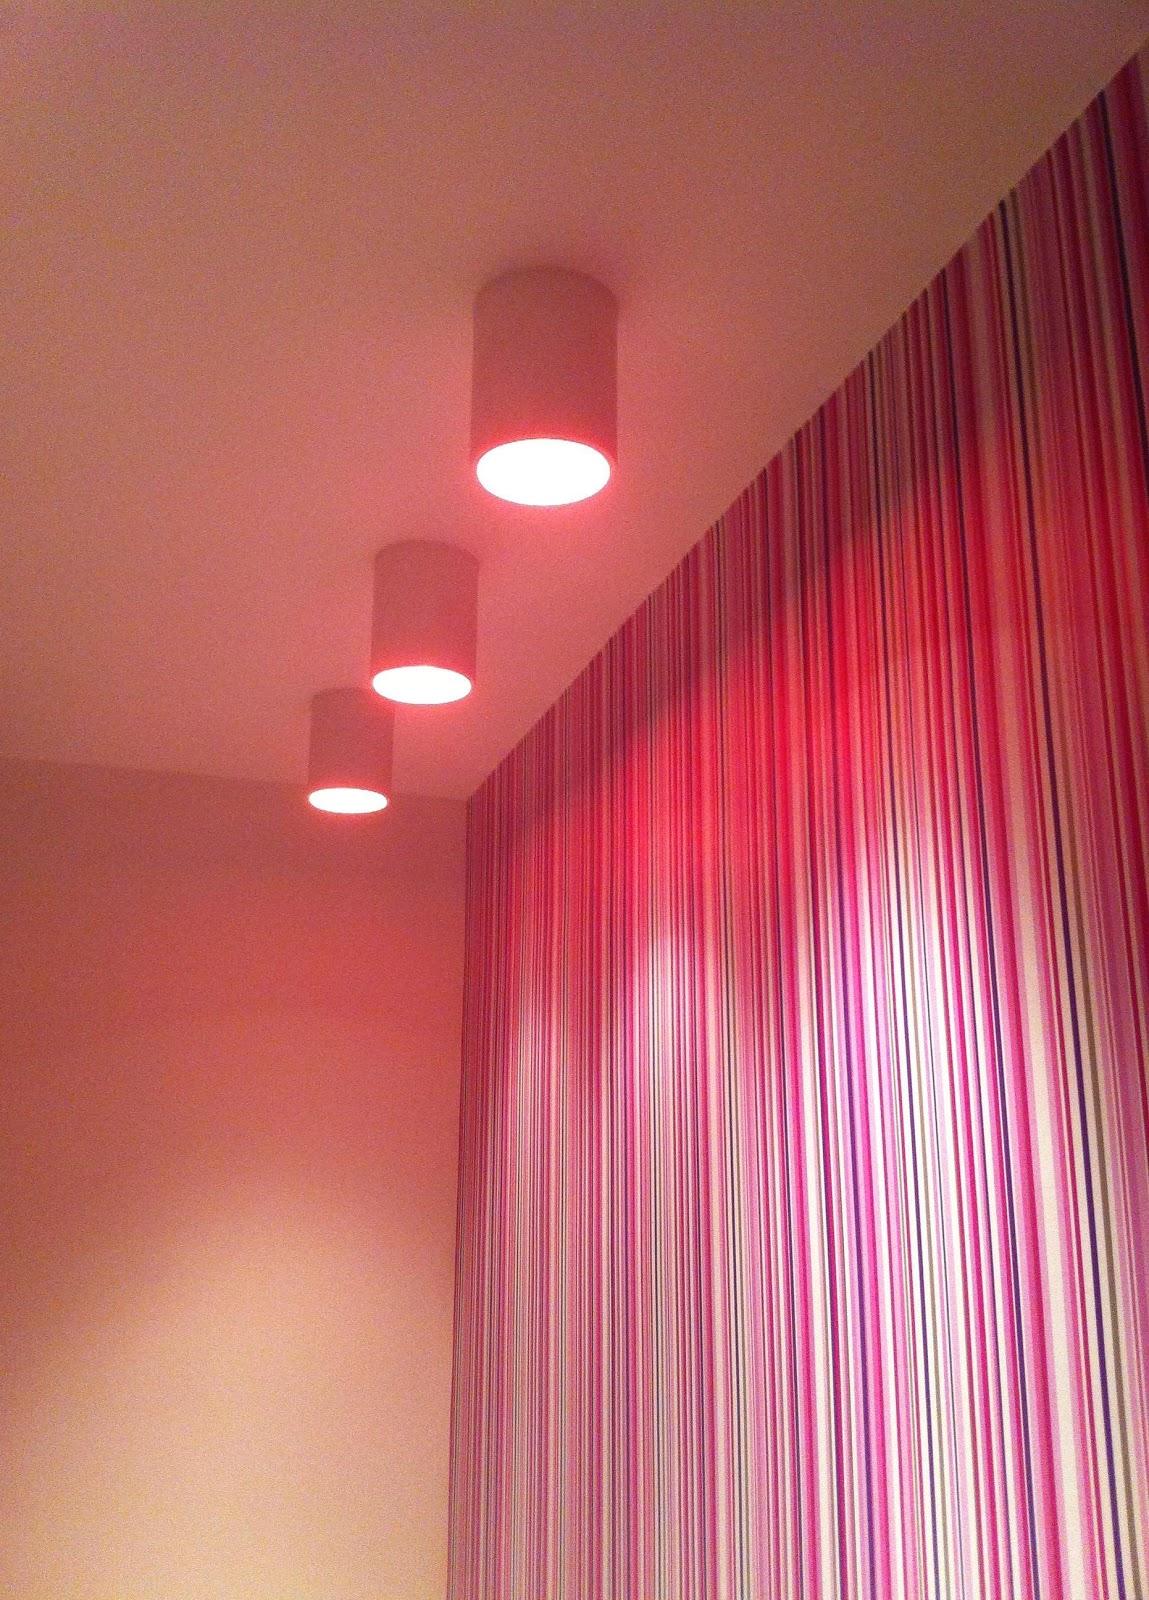 Banheiro da Mercearia Café Bistrot focos de iluminação rosa. #A22949 1149x1600